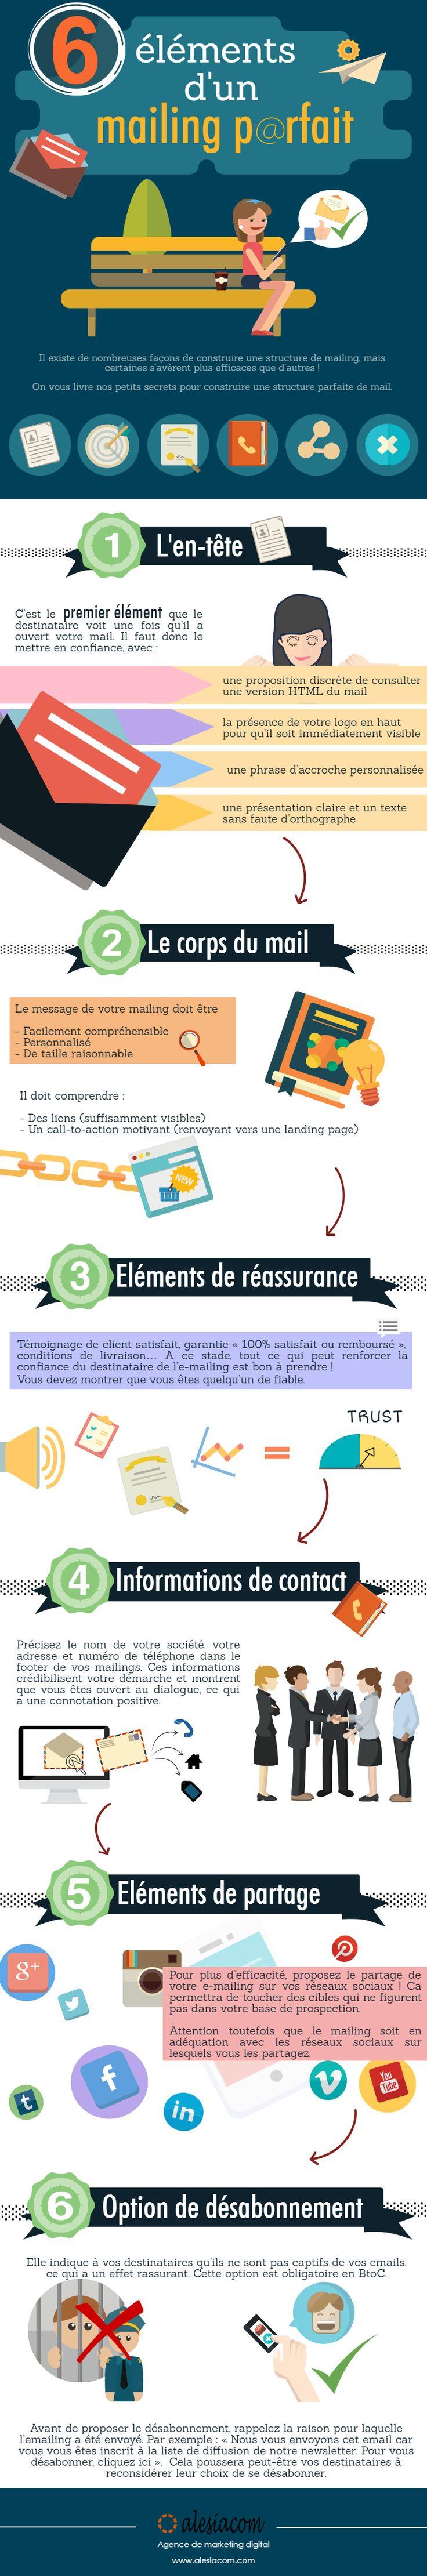 [Infographie] 6 éléments d'un Emailing parfait / #InboundMarketing